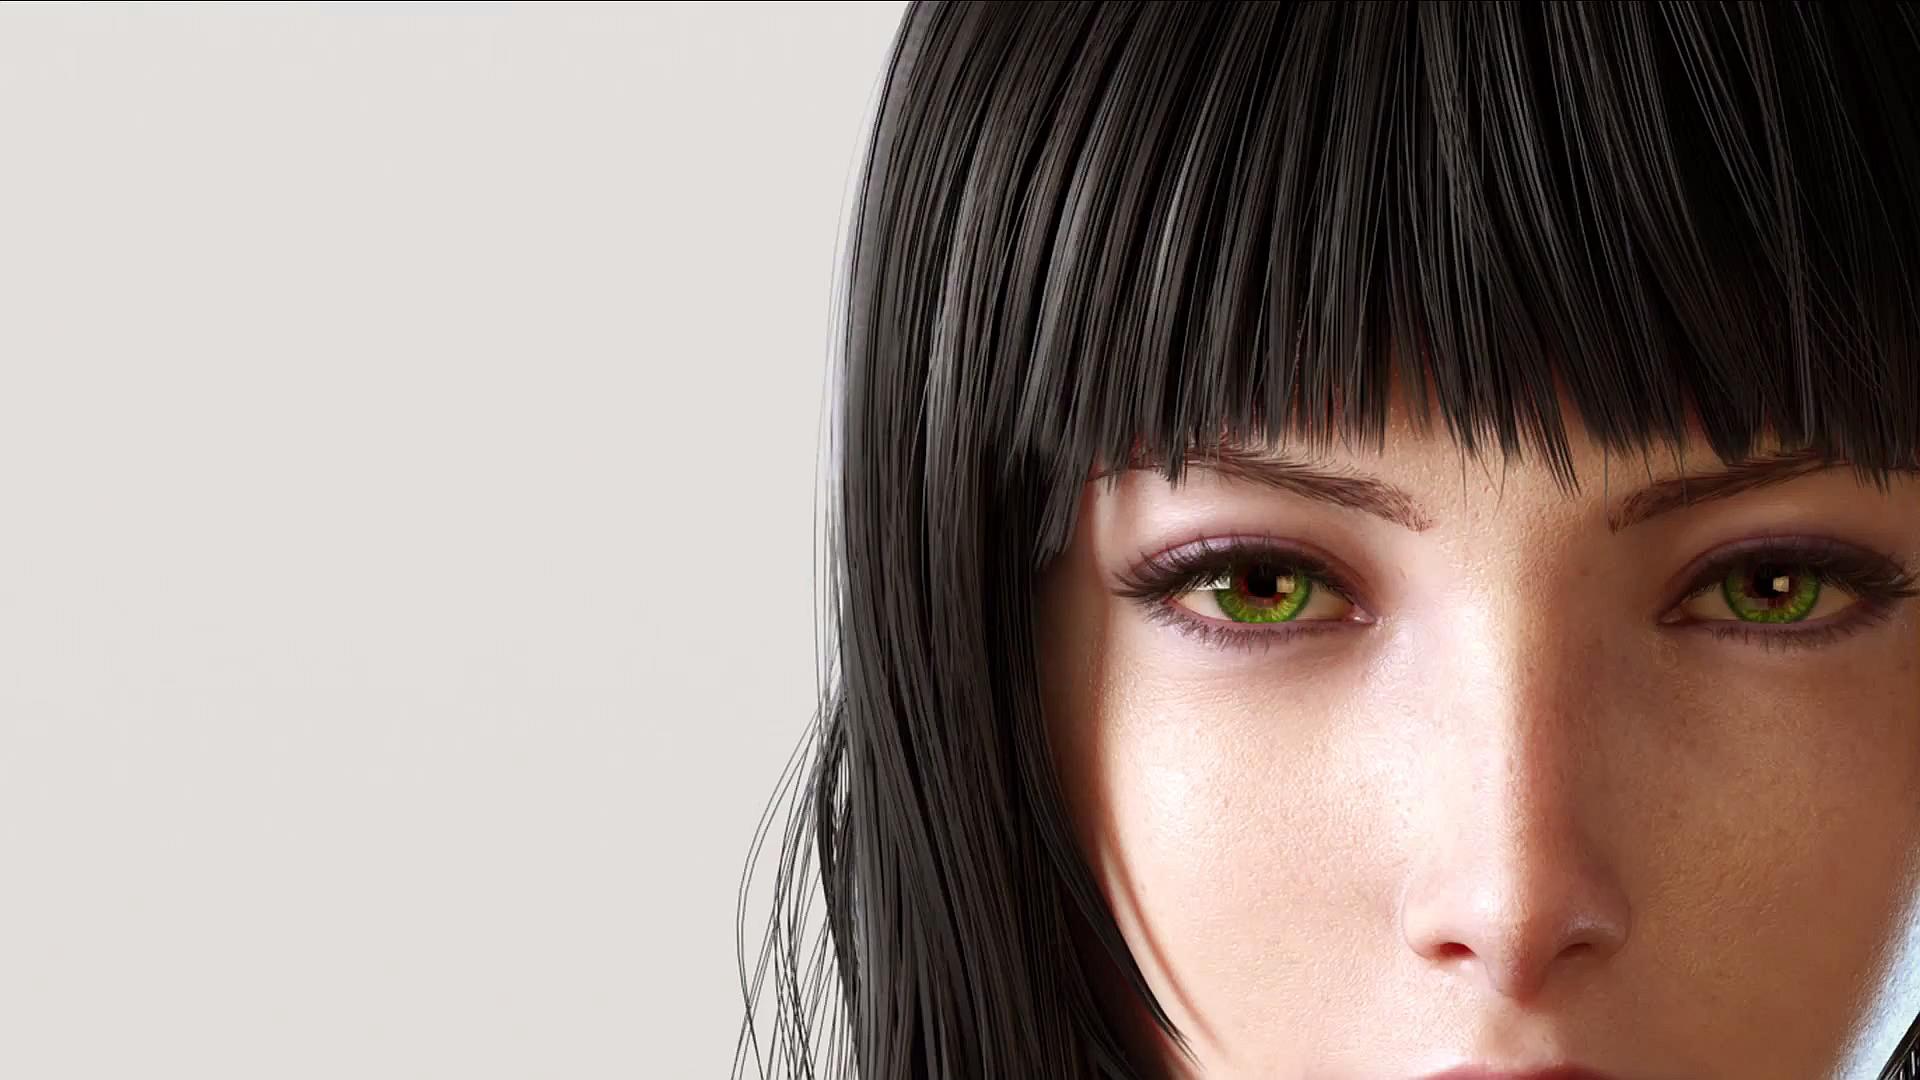 Final Fantasy XV Full HD Wallpaper 1920x1080